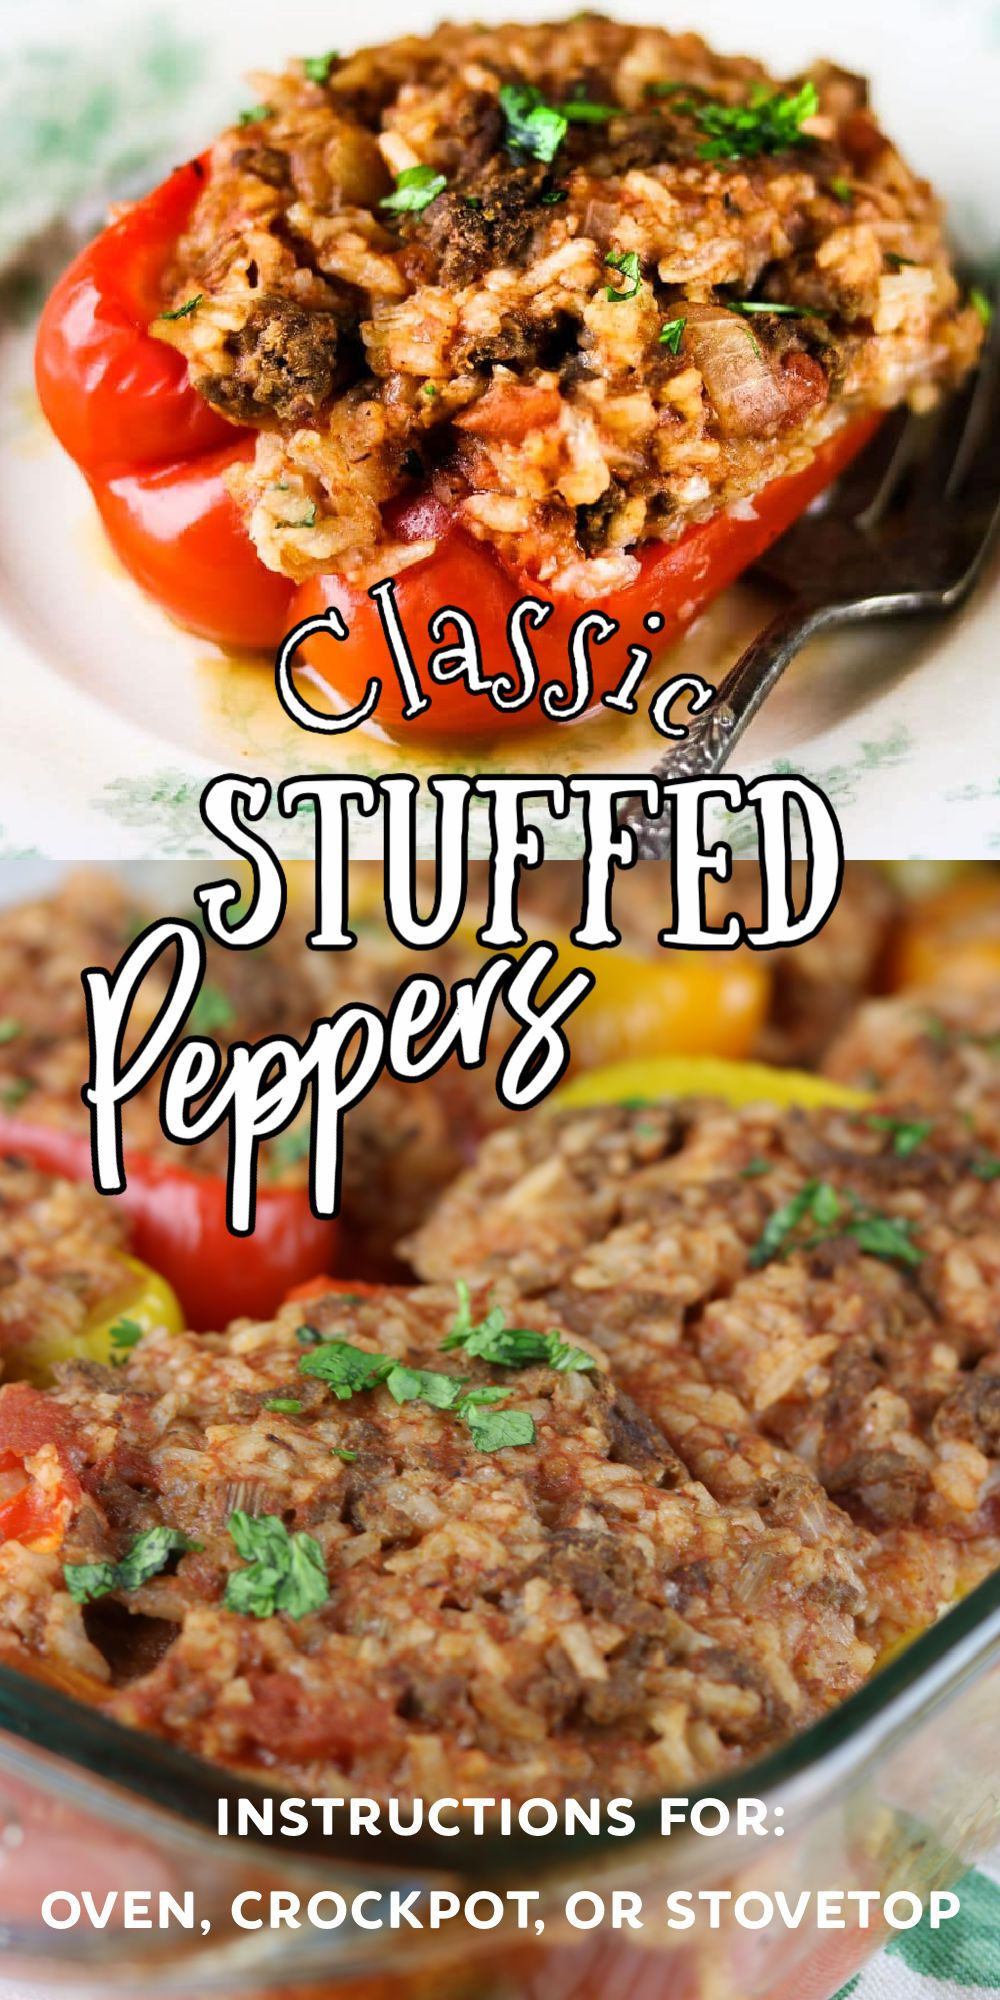 Classic Stuffed Peppers Recipe In 2020 Classic Stuffed Peppers Recipe Dinner Recipes Easy Family Stuffed Peppers